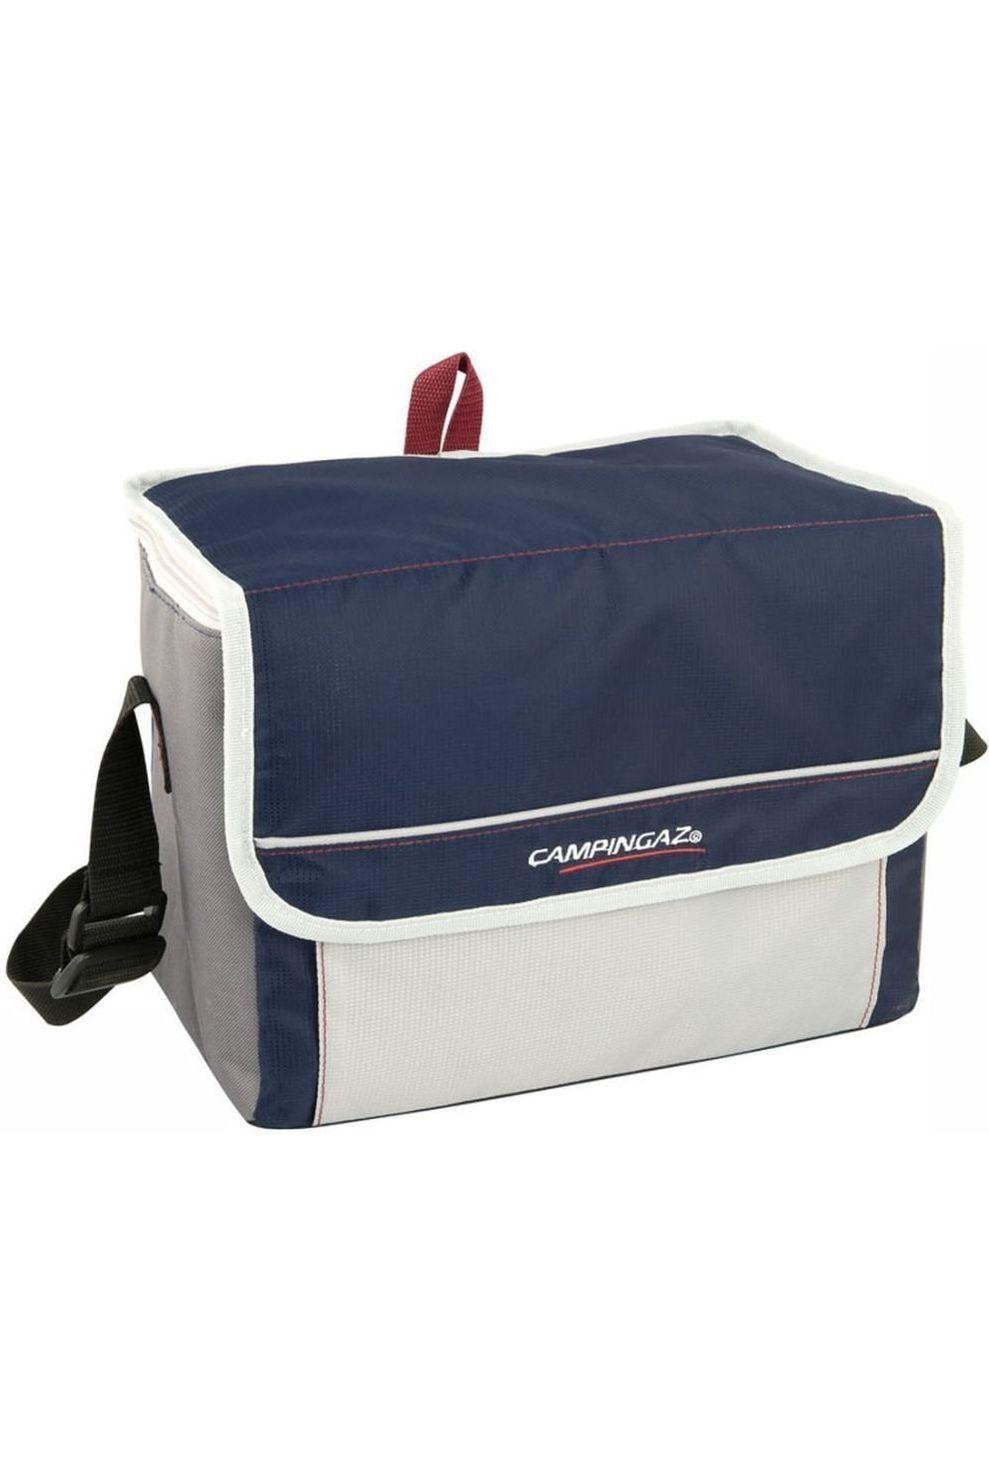 Campingaz Koeltas Fold'n Cool 10L - Blauw/Wit